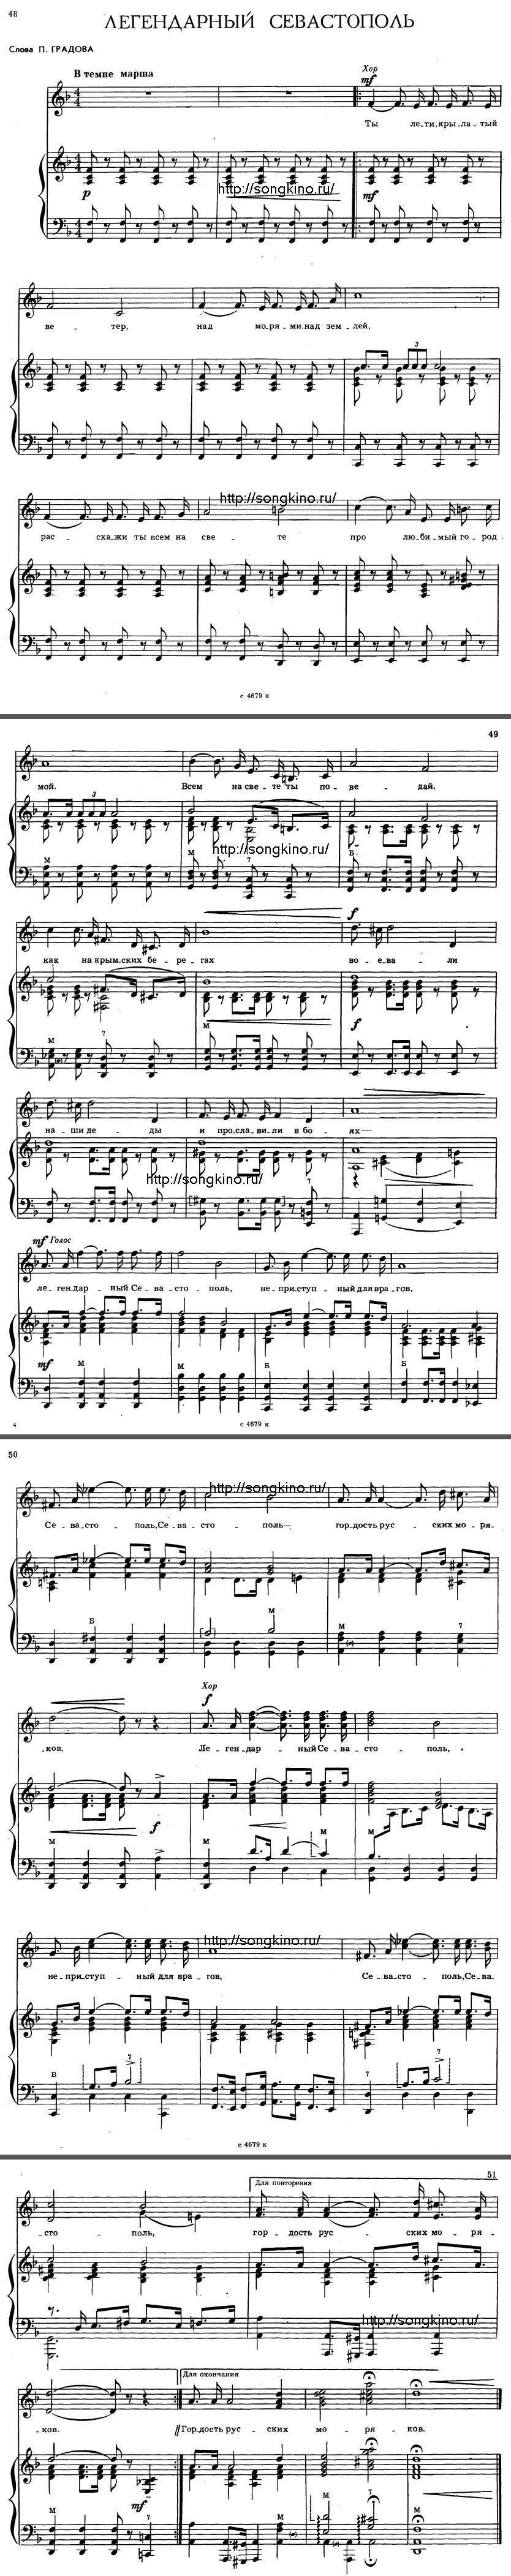 Легендарный Севастополь  - ноты